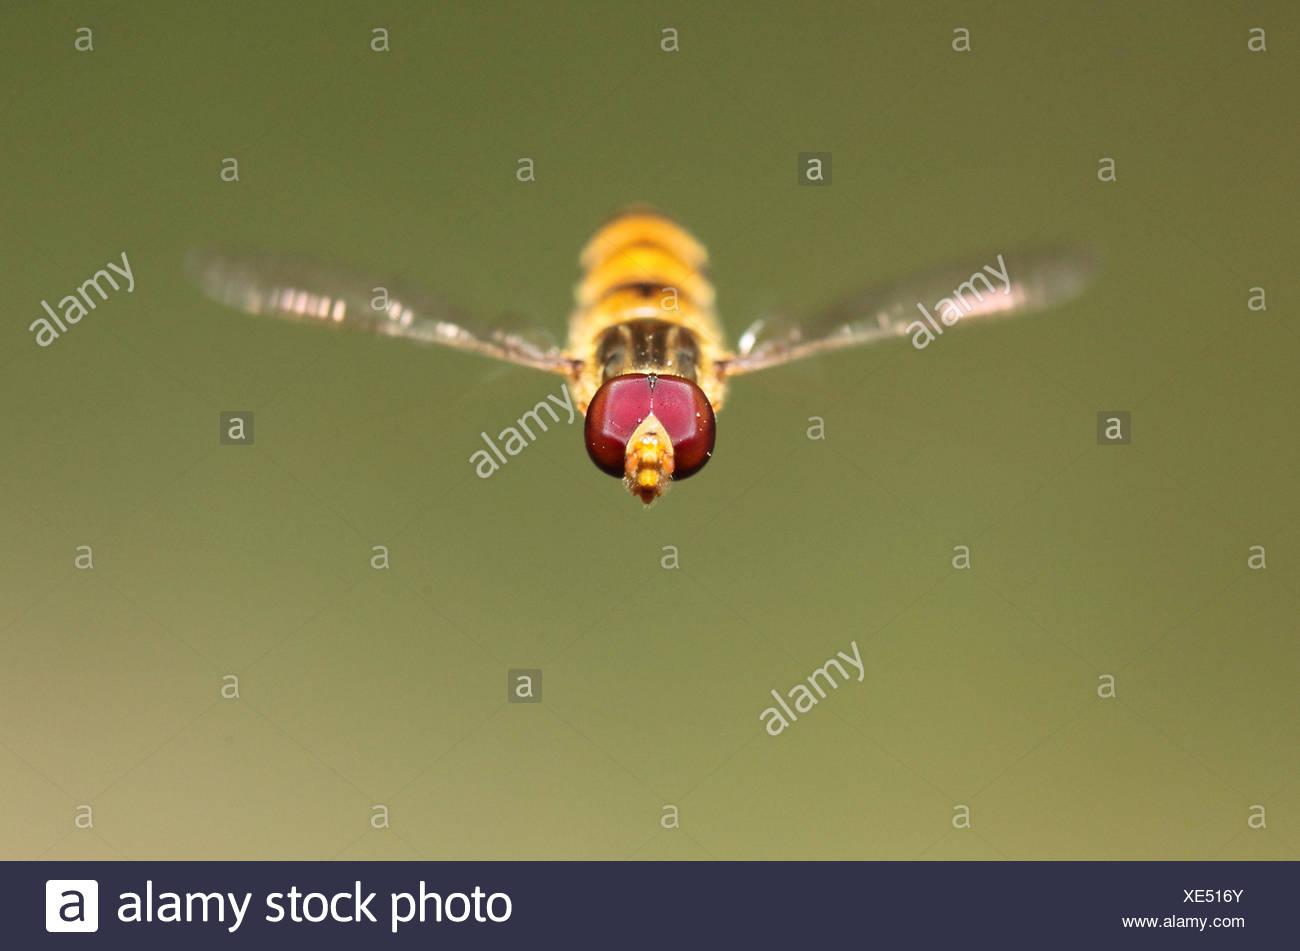 Portrait d'un syrphe vol stationnaire ou avec des grains de pollen sur ses yeux composés. Les dossiers montrent que leur vitesse peut être jusqu'à 300 battements d'ailes par seconde. Photo Stock